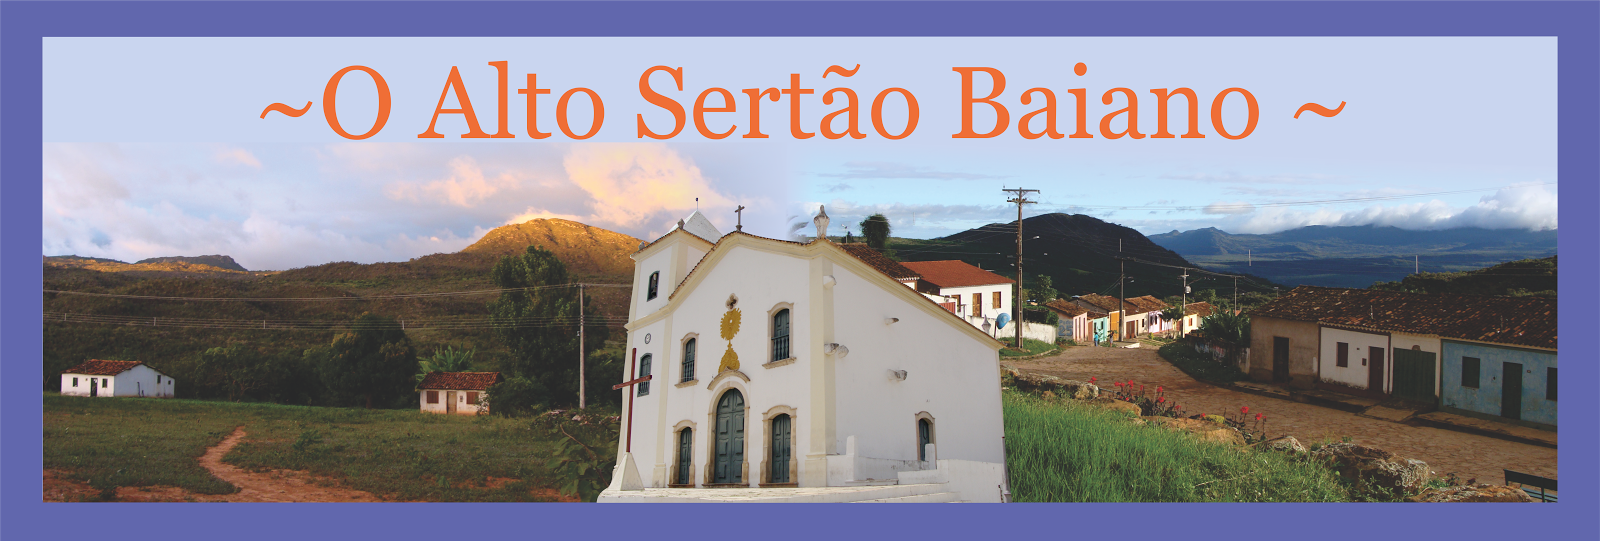 ~ O Alto Sertão Baiano ~